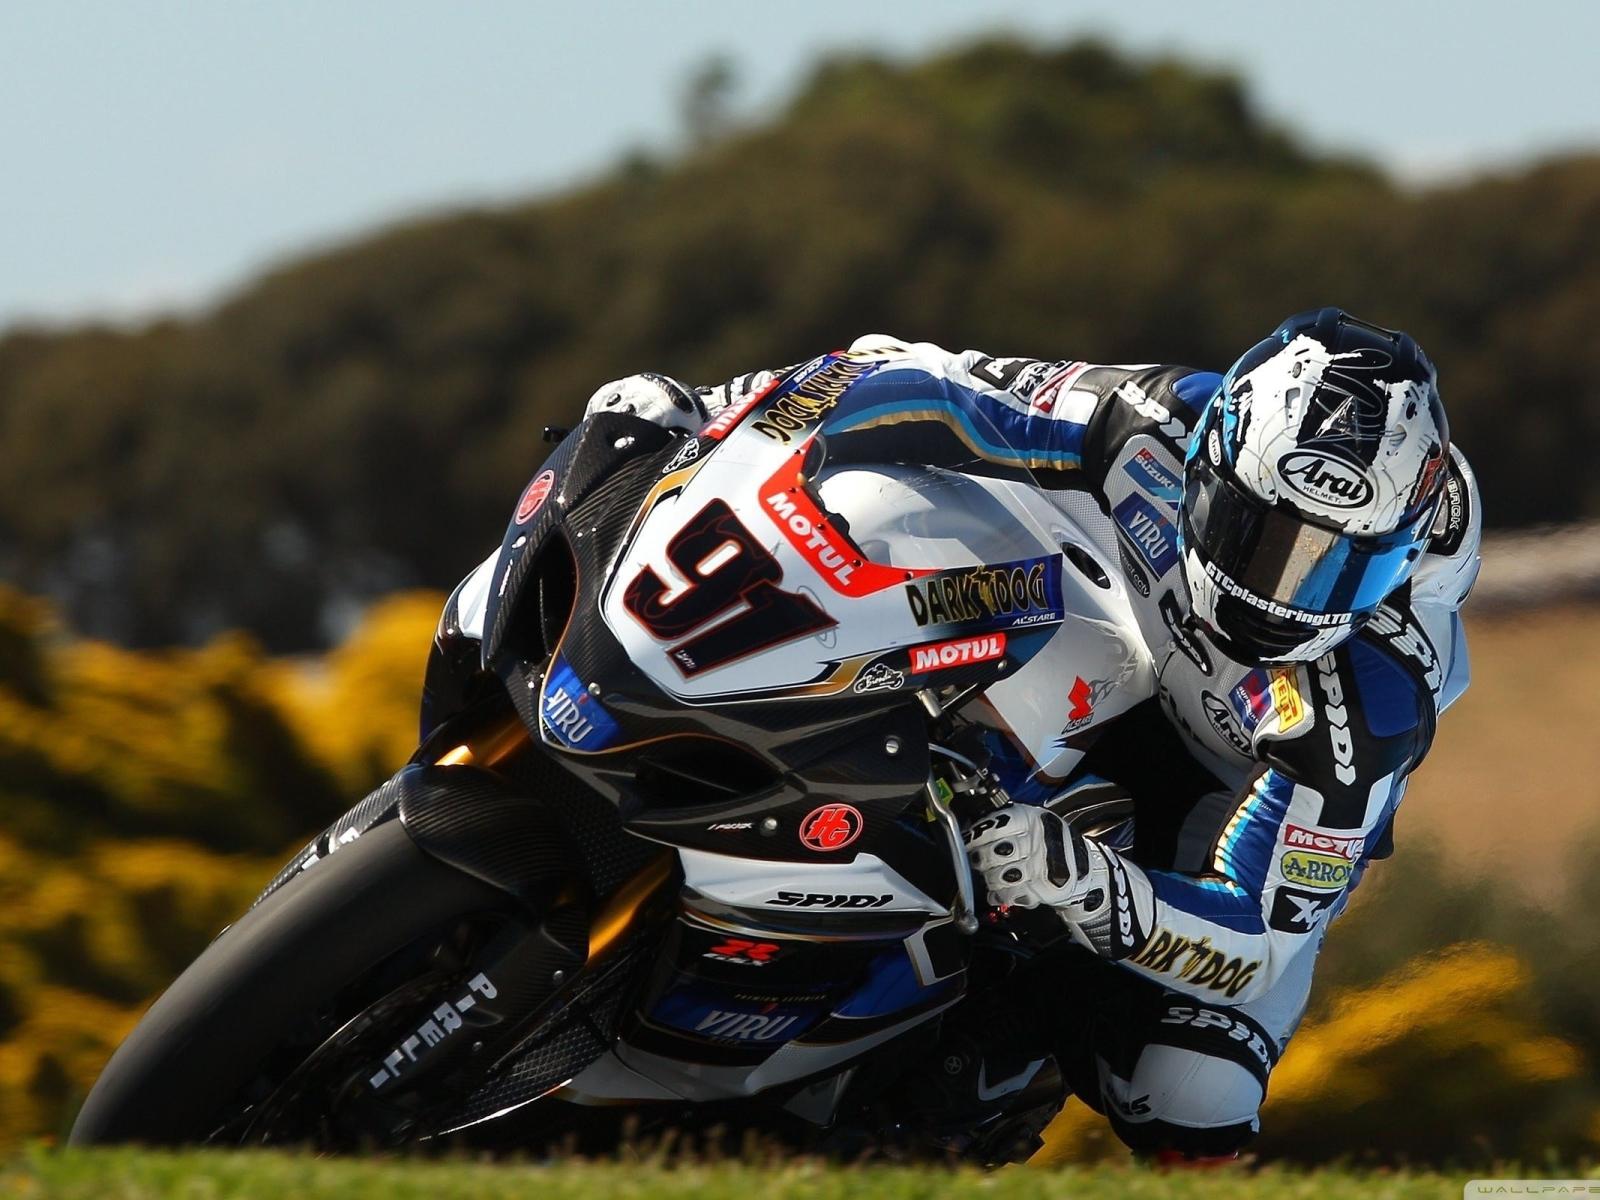 гонки на мотоциклах скорость #13